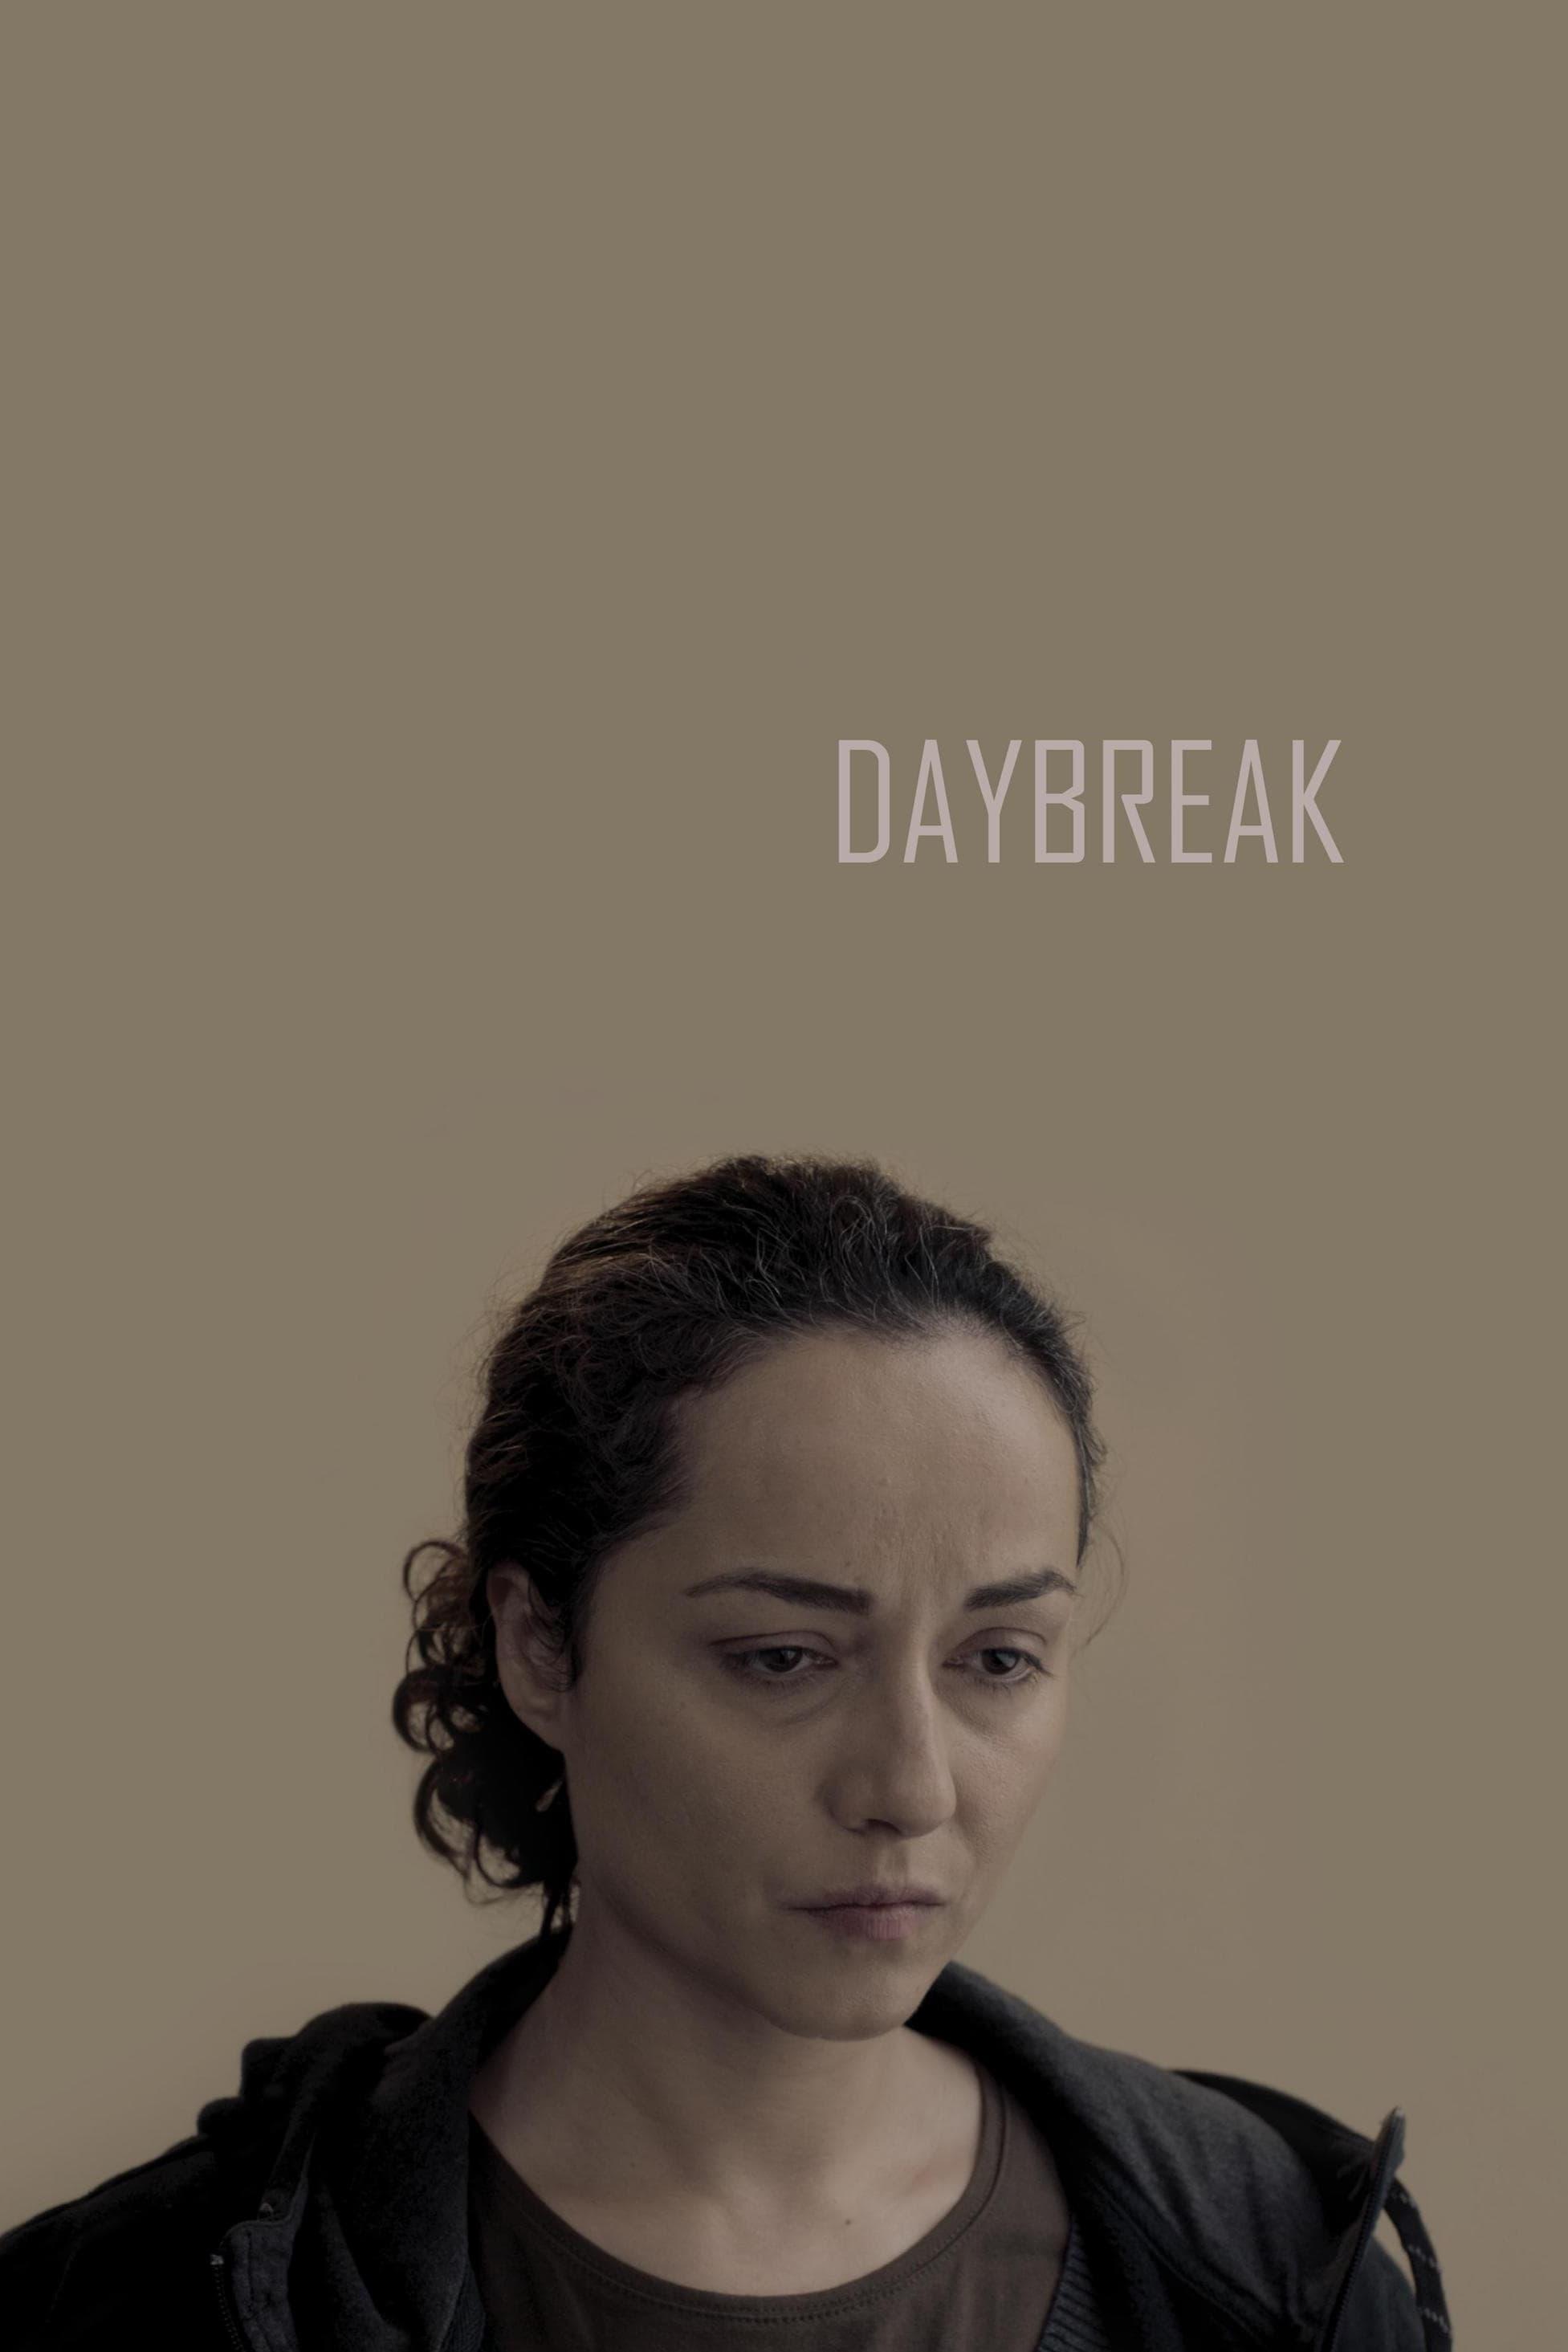 watch Daybreak 2017 Stream online free